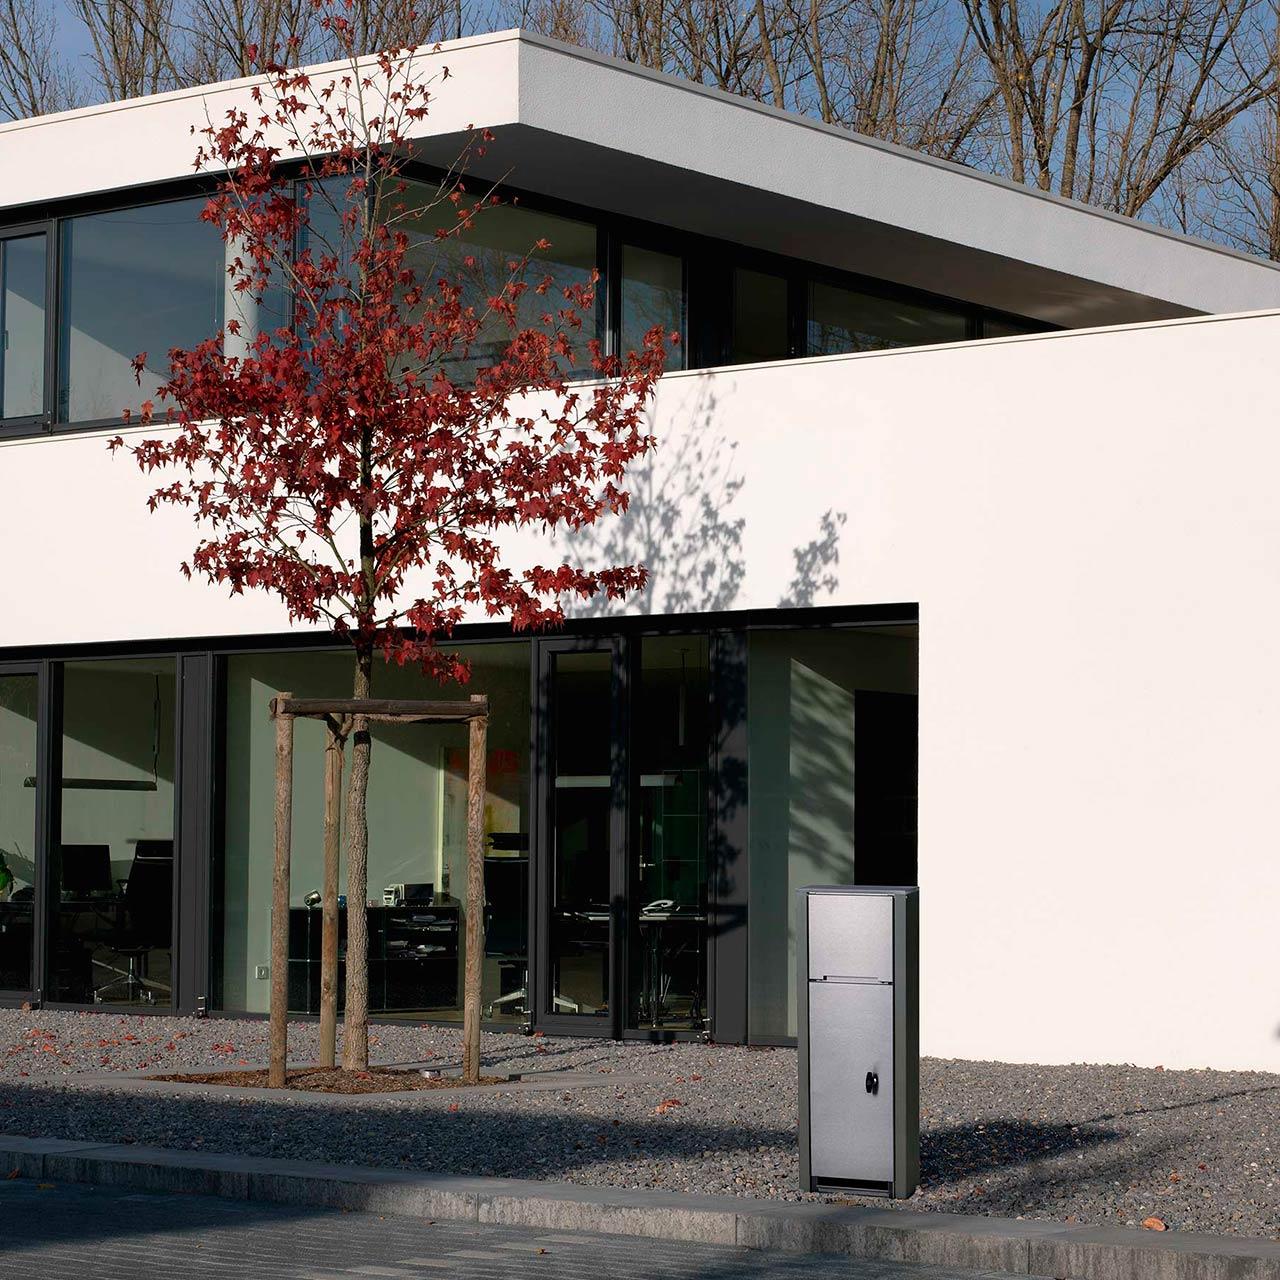 Ein weißes Gebäude mit modernem Vorgarten und einer Energiesäule im Vordergrund